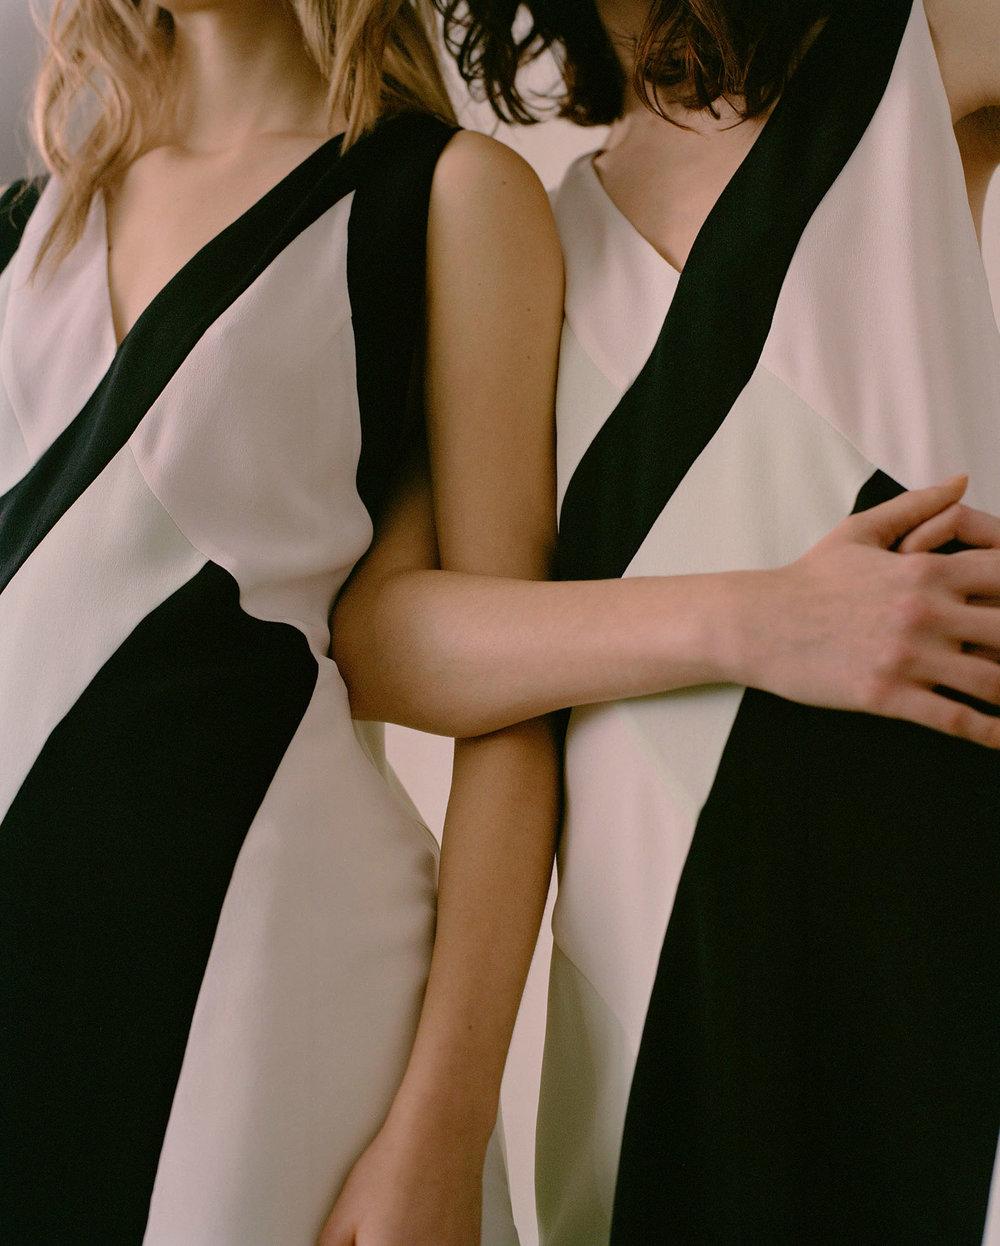 Together-Associates-LukeandNik-Commercial - 5.jpg